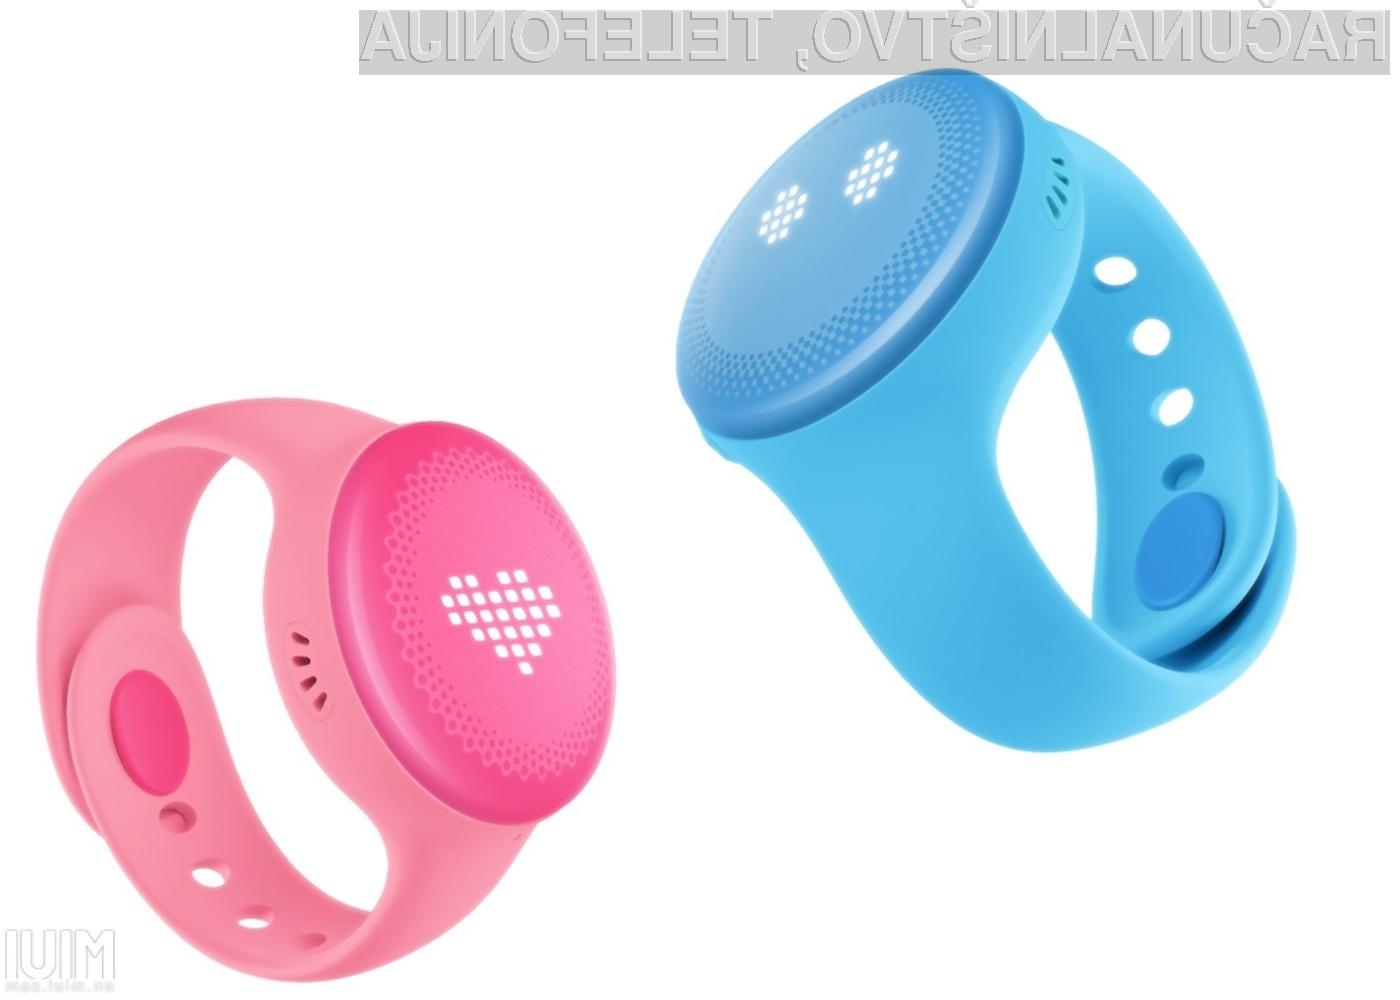 Malčki bodo nad pametno ročno uro Xiaomi Mi Bunny Smartwatch zagotovo navdušeni!